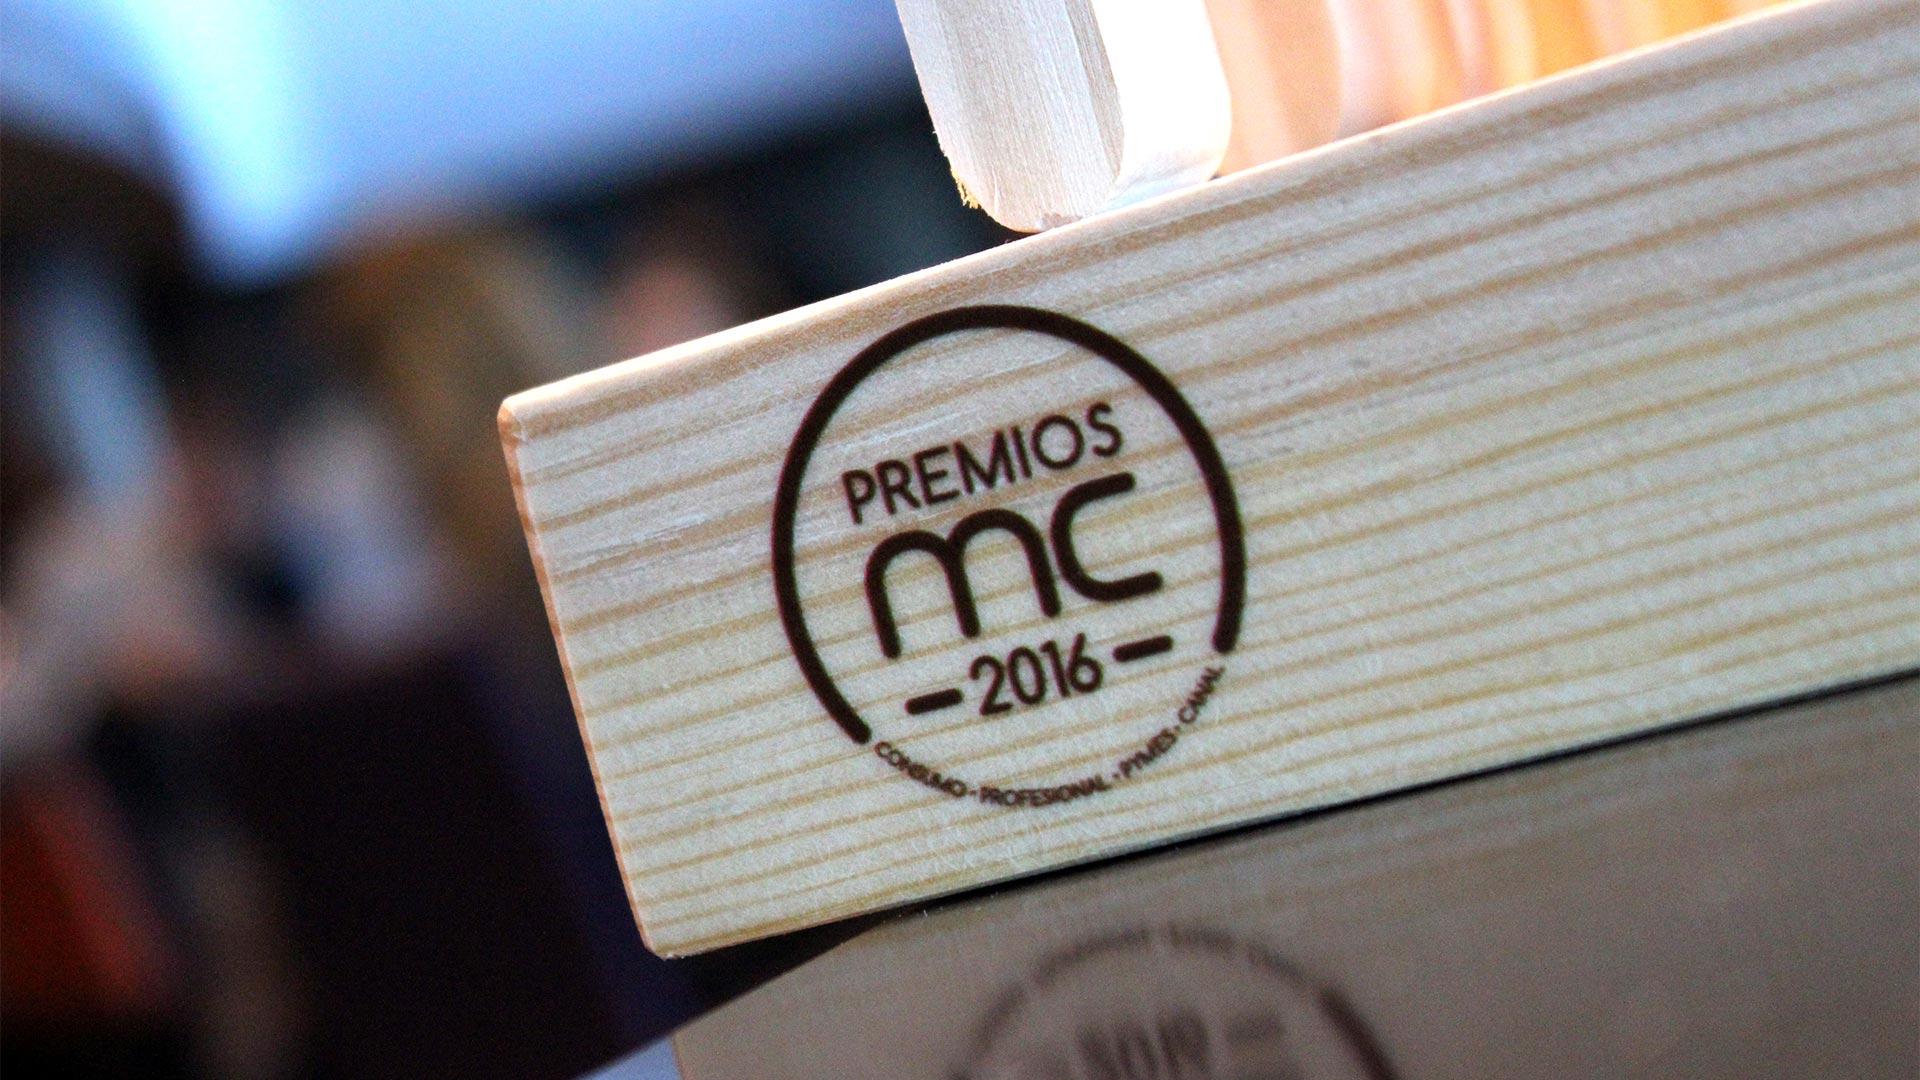 premiosmc2016-trofeo-detalle-logo